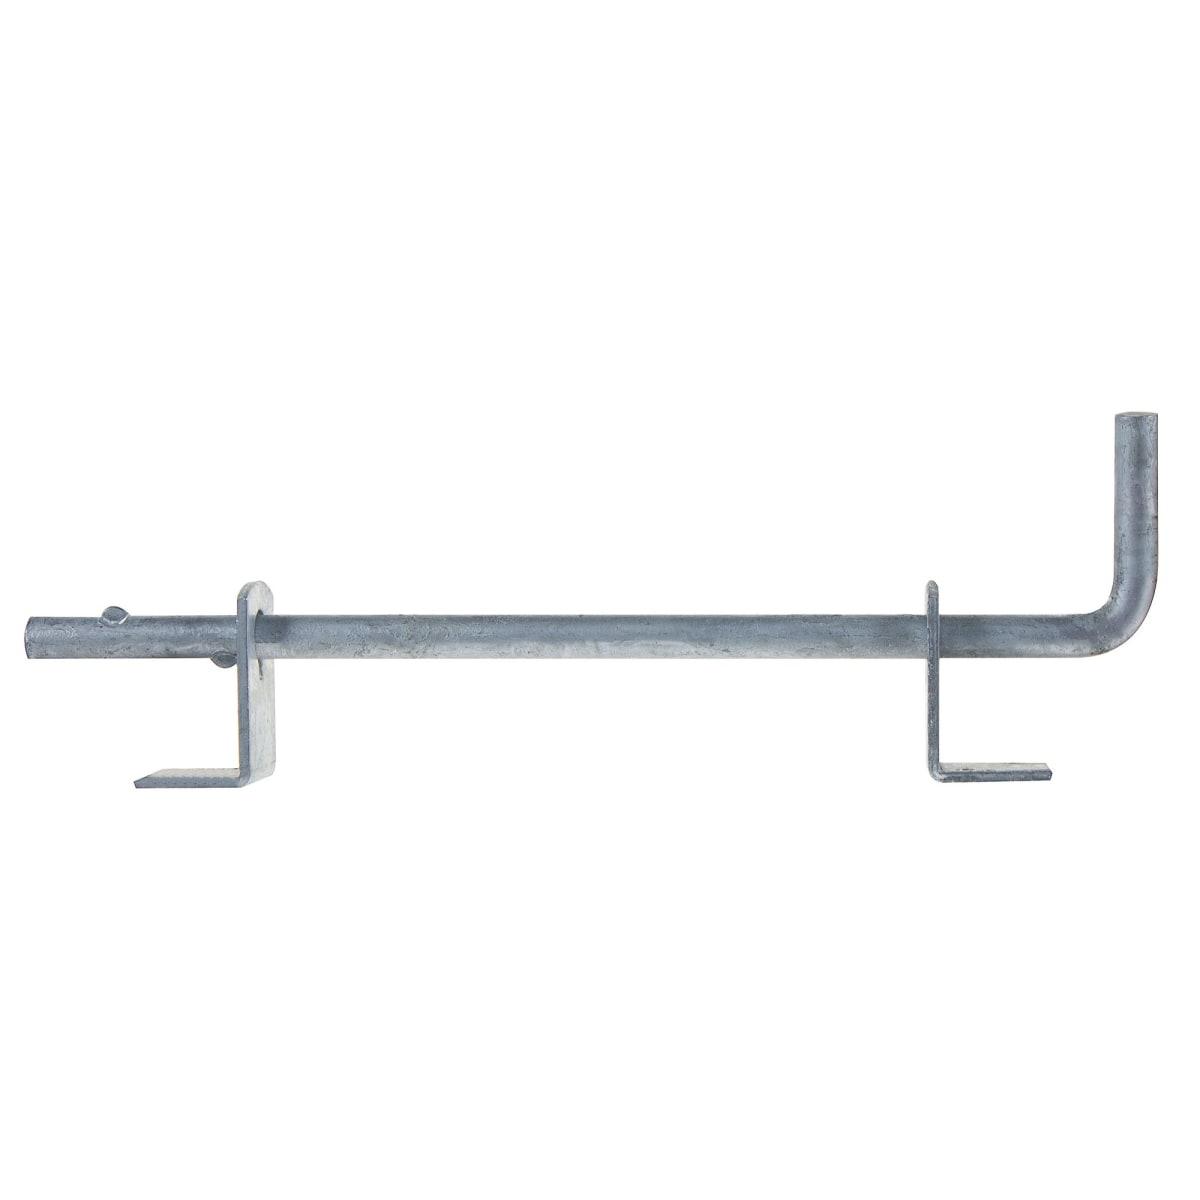 Засов для ворот 16х500 мм, сталь оцинкованная